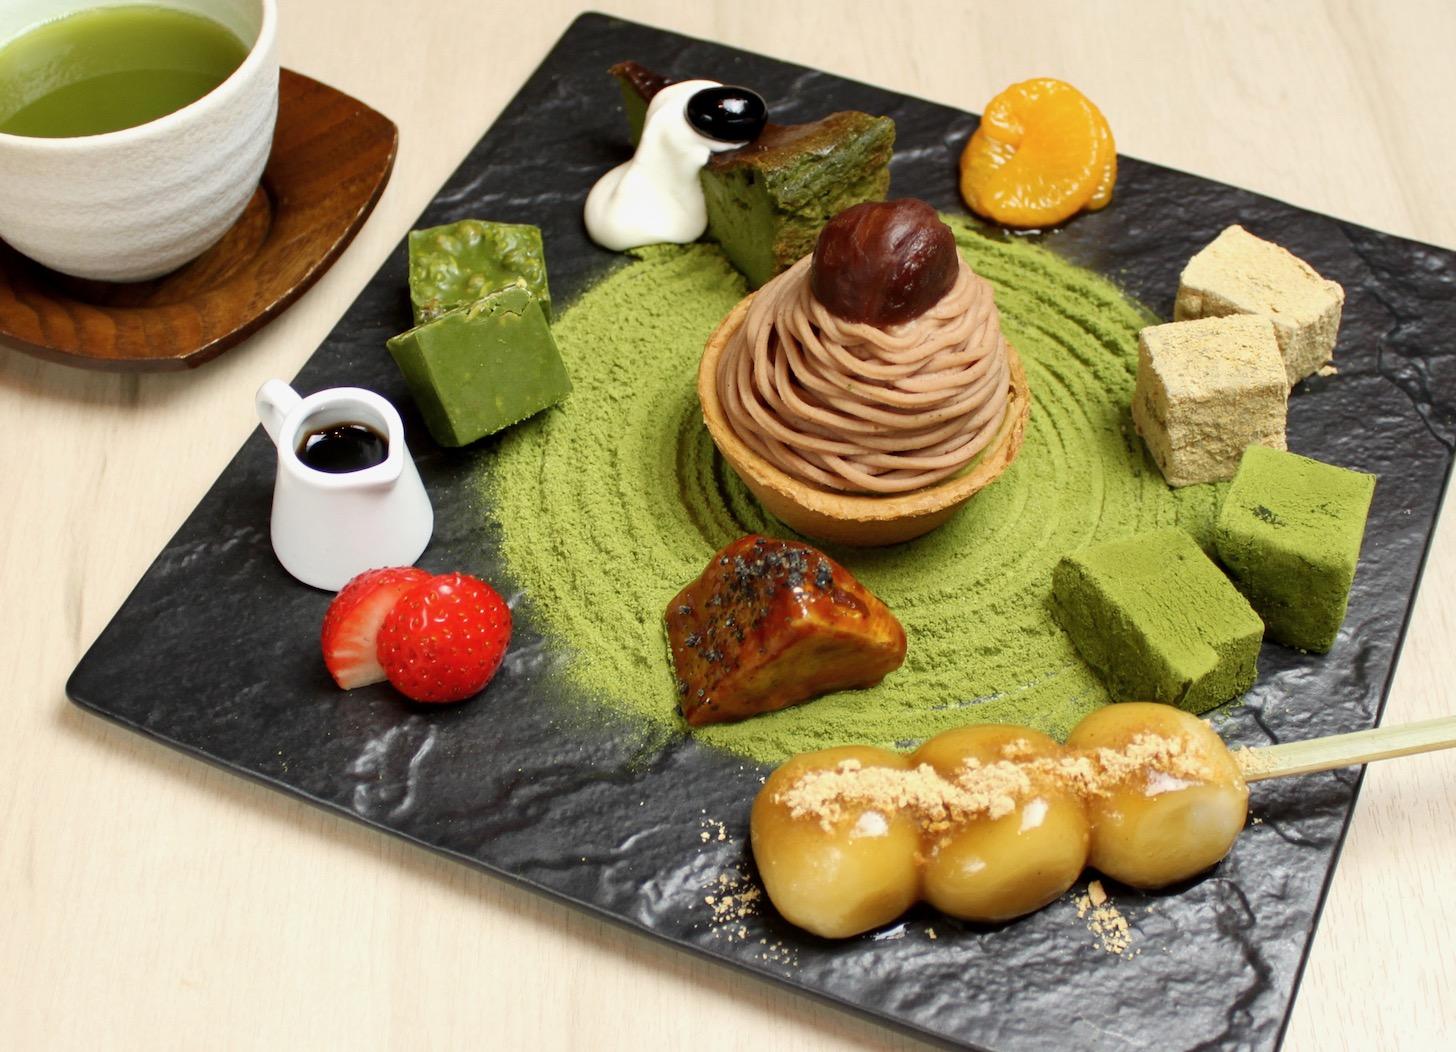 食べる日本庭園!禅庭の石庭をイメージ した抹茶づくしの『抹茶スイーツ盛り 合わせZEN』お抹茶付き¥1,950(税抜)